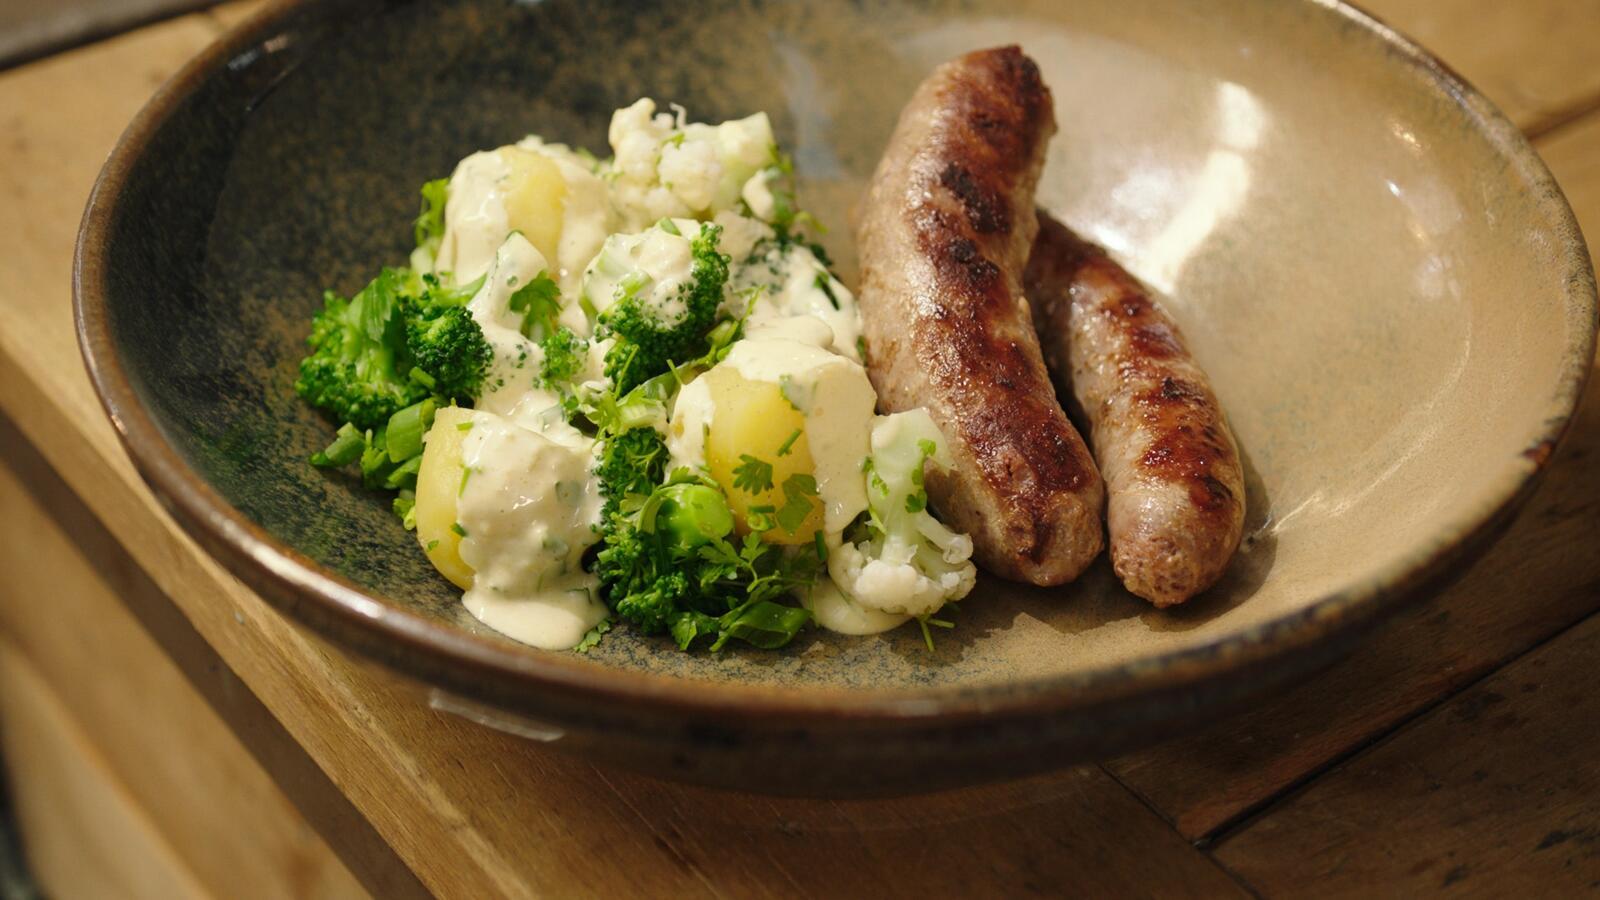 Braadworst met koude aardappelsalade